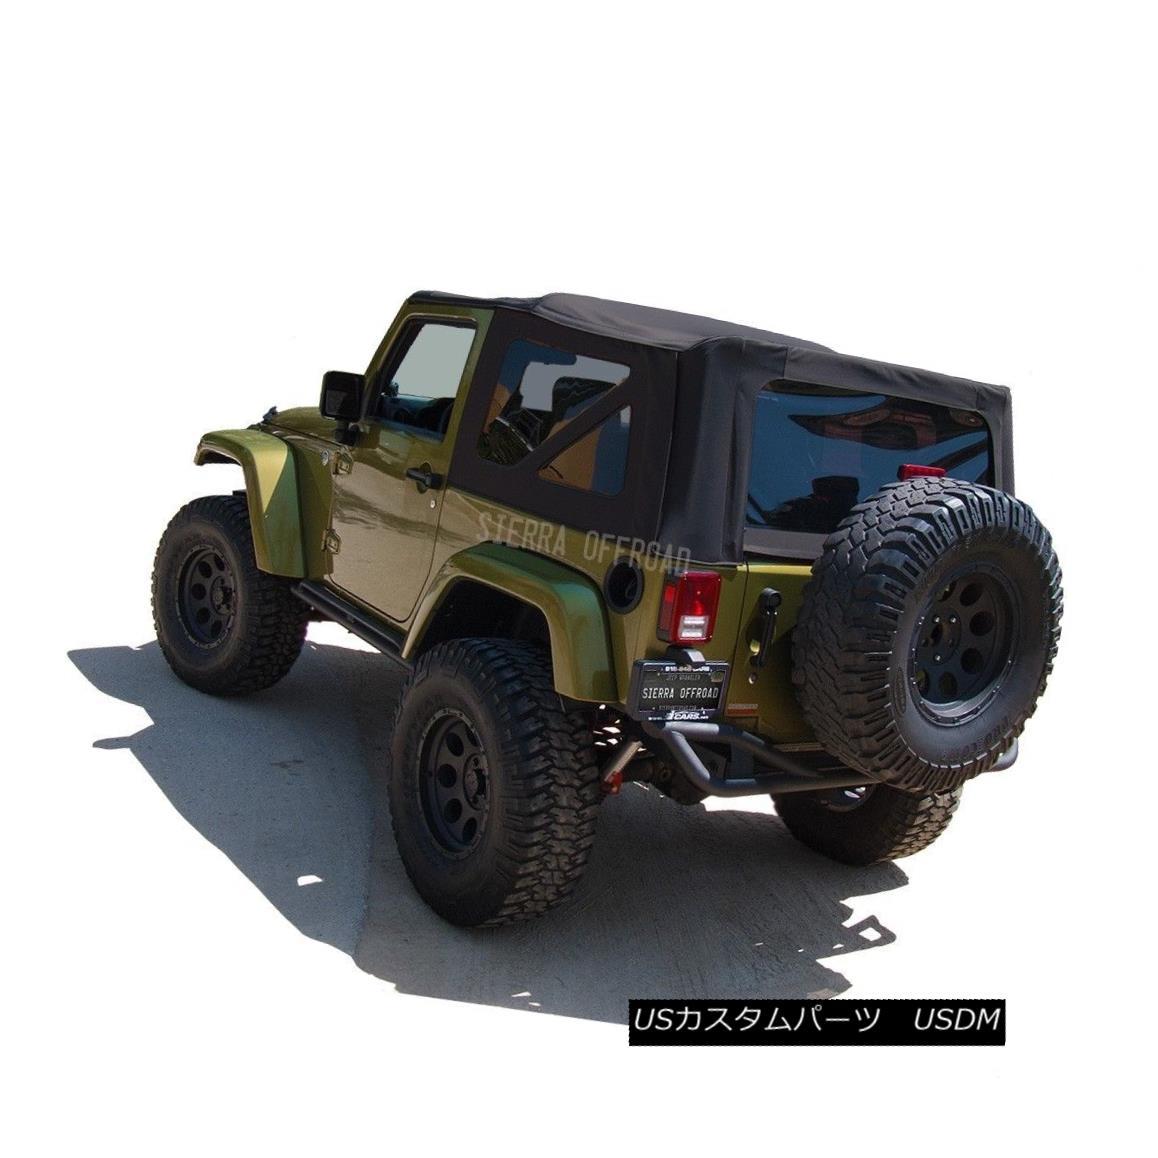 幌・ソフトトップ 2010-2017 Jeep Wrangler 2 DR JK Soft Top, Black Canvas 2010-2017 Jeep Wrangler 2 DR JKソフトトップ、ブラックキャンバス